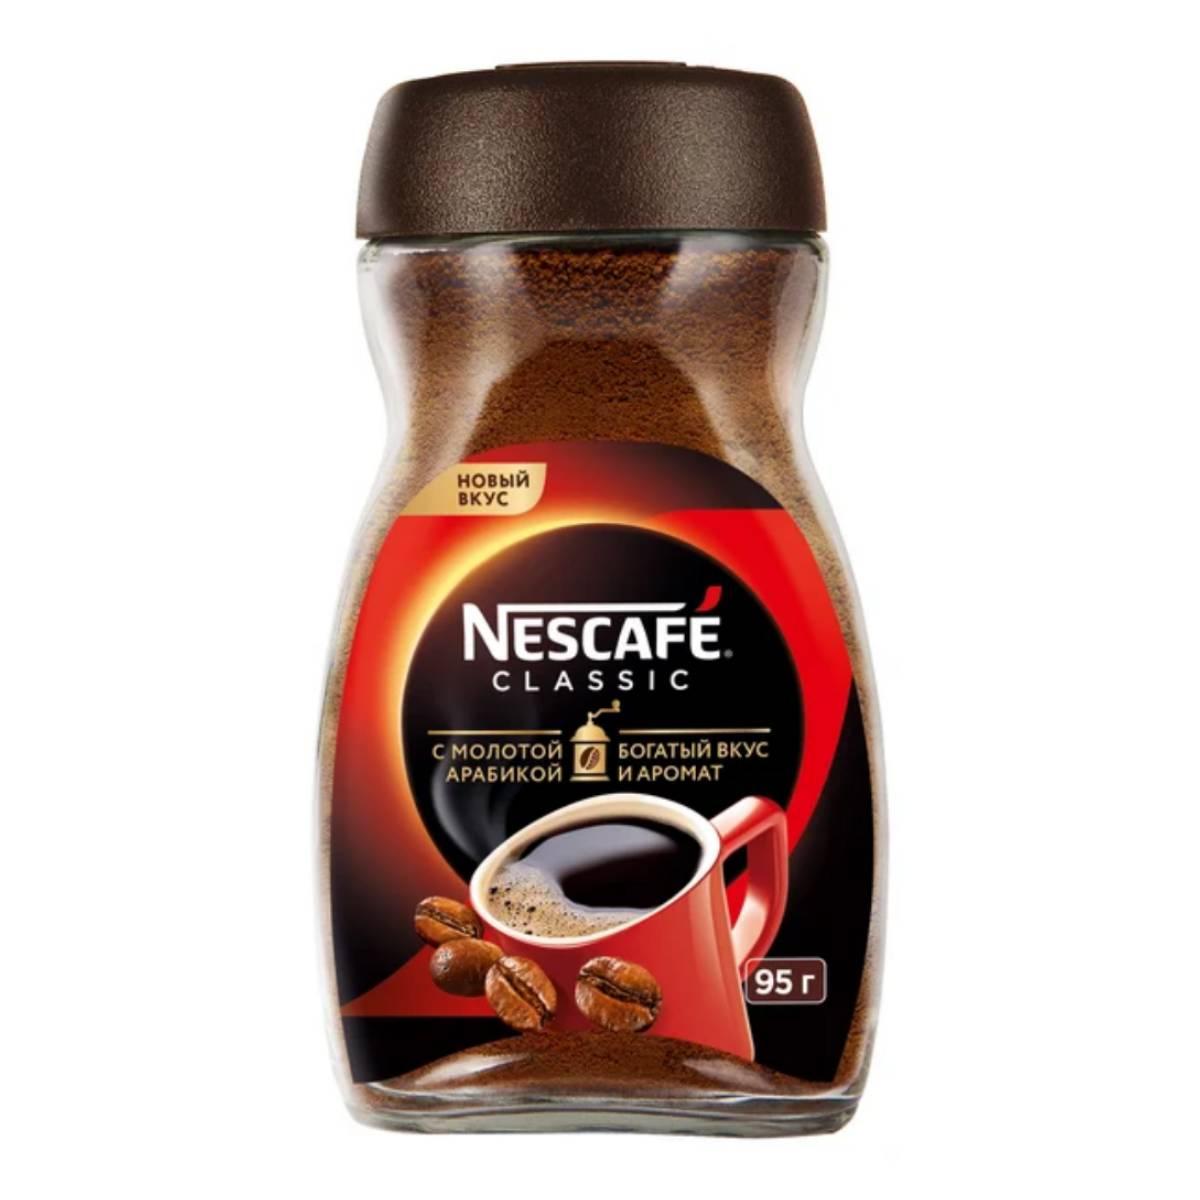 قهوه فوری کِلاسیک نسکافه - ۹۵ گرم